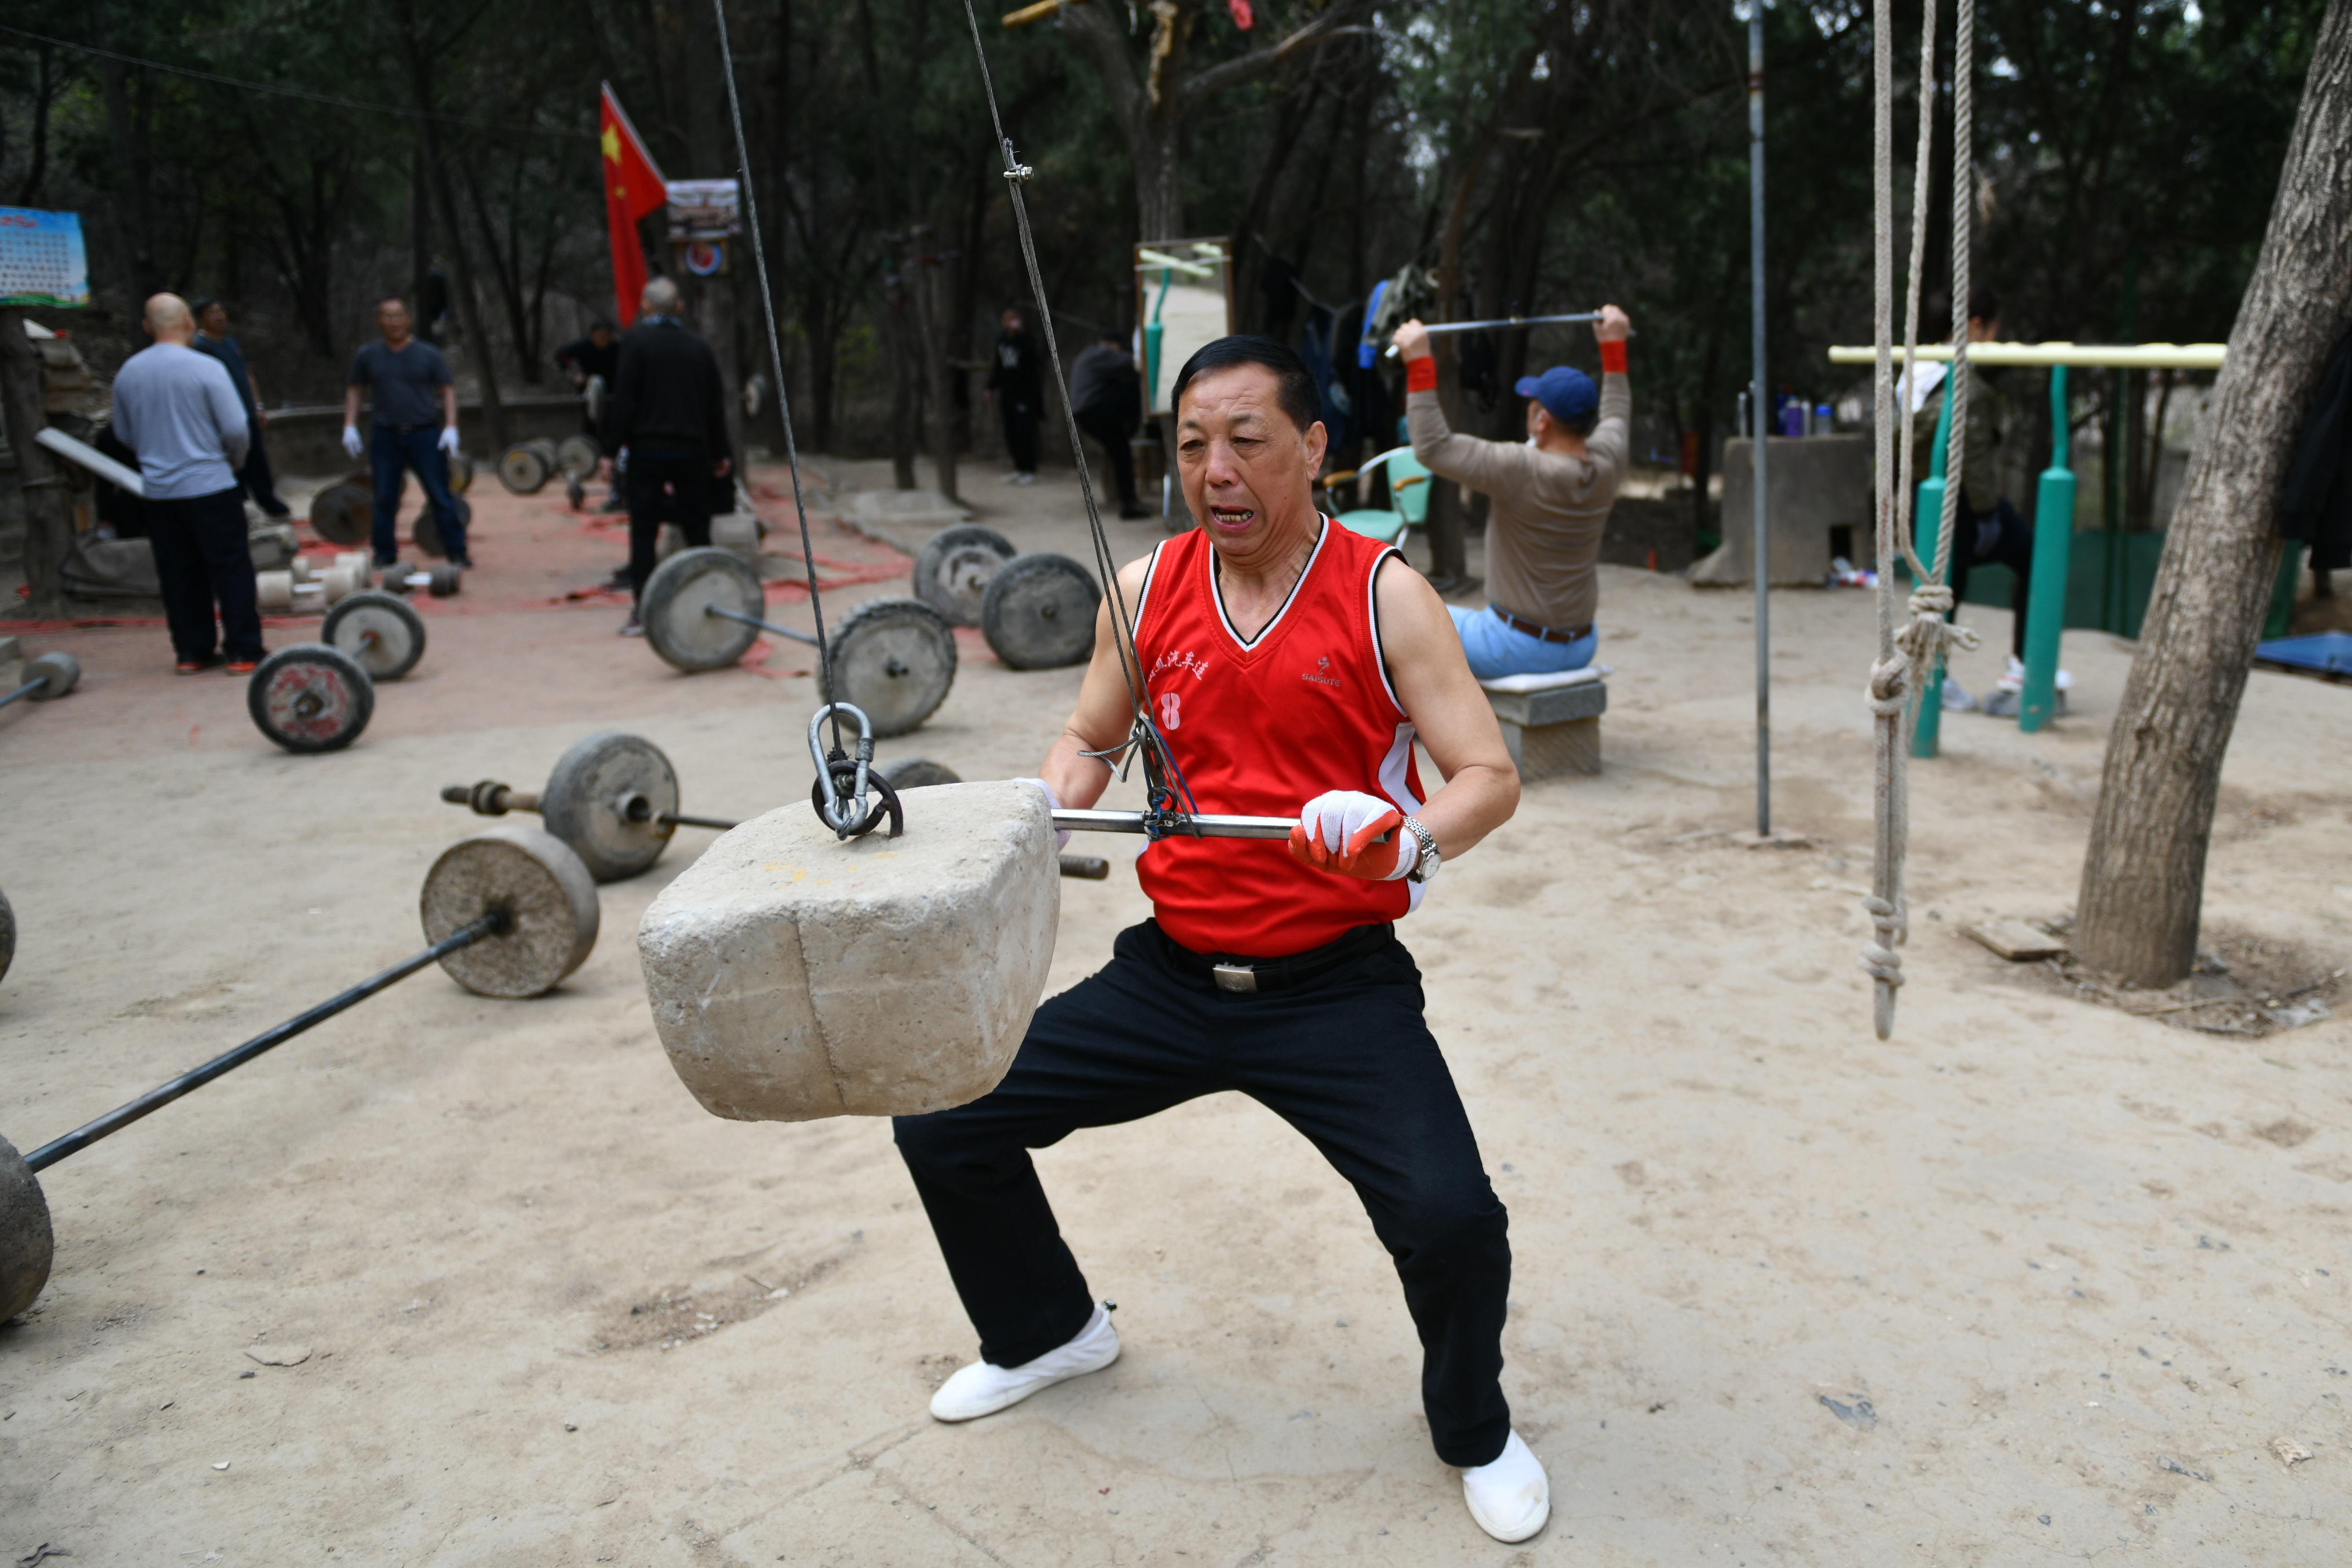 「天然のスポーツジム」 体を鍛える高齢者の憩いの場 中国・山東省